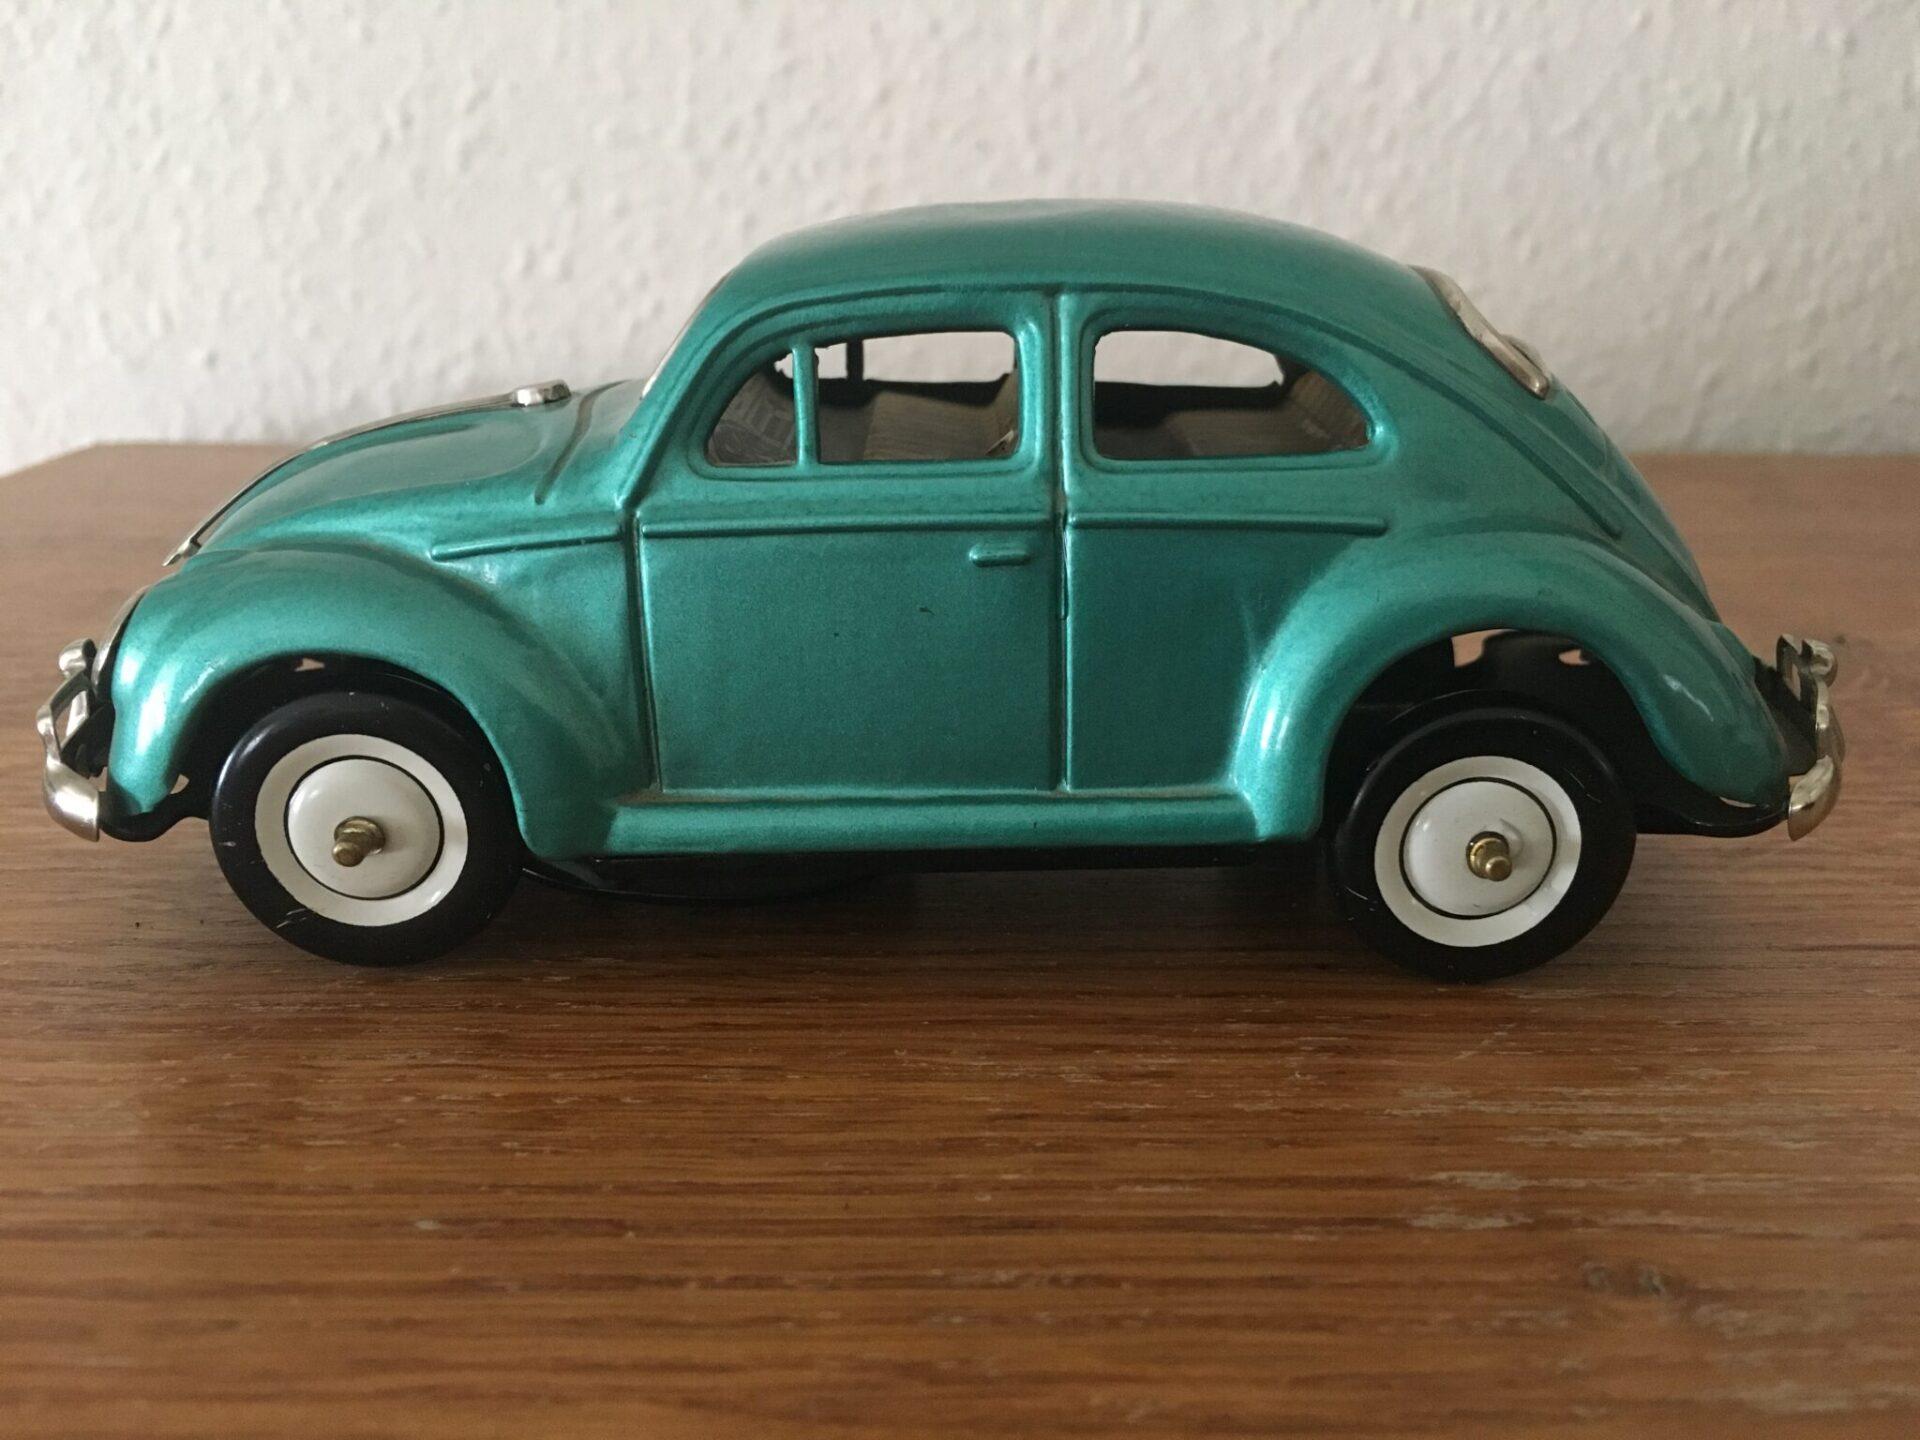 VW 1200 årg. ca 1960, mrk.